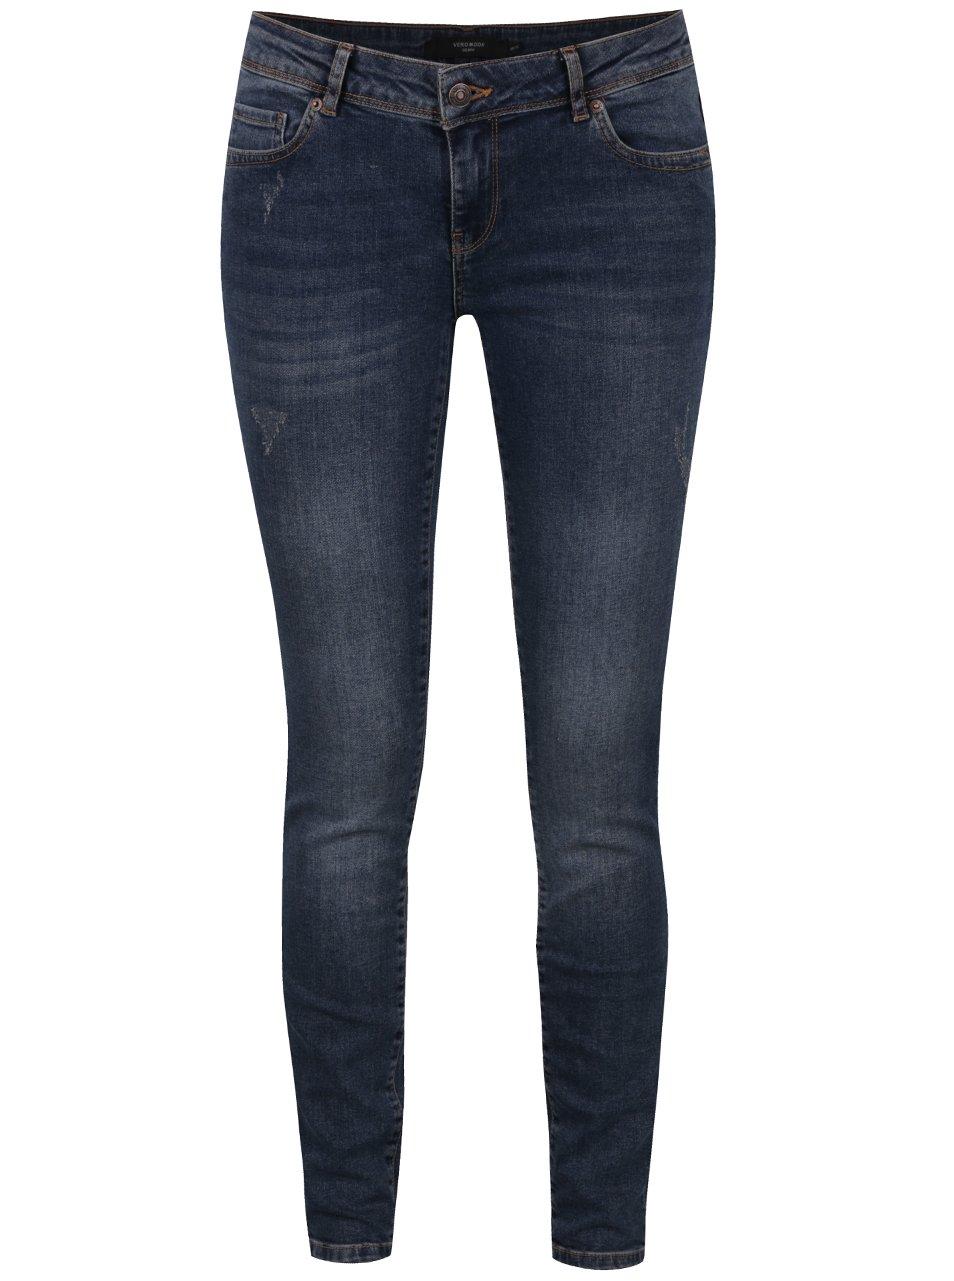 Modré skinny džíny Vero Moda Five